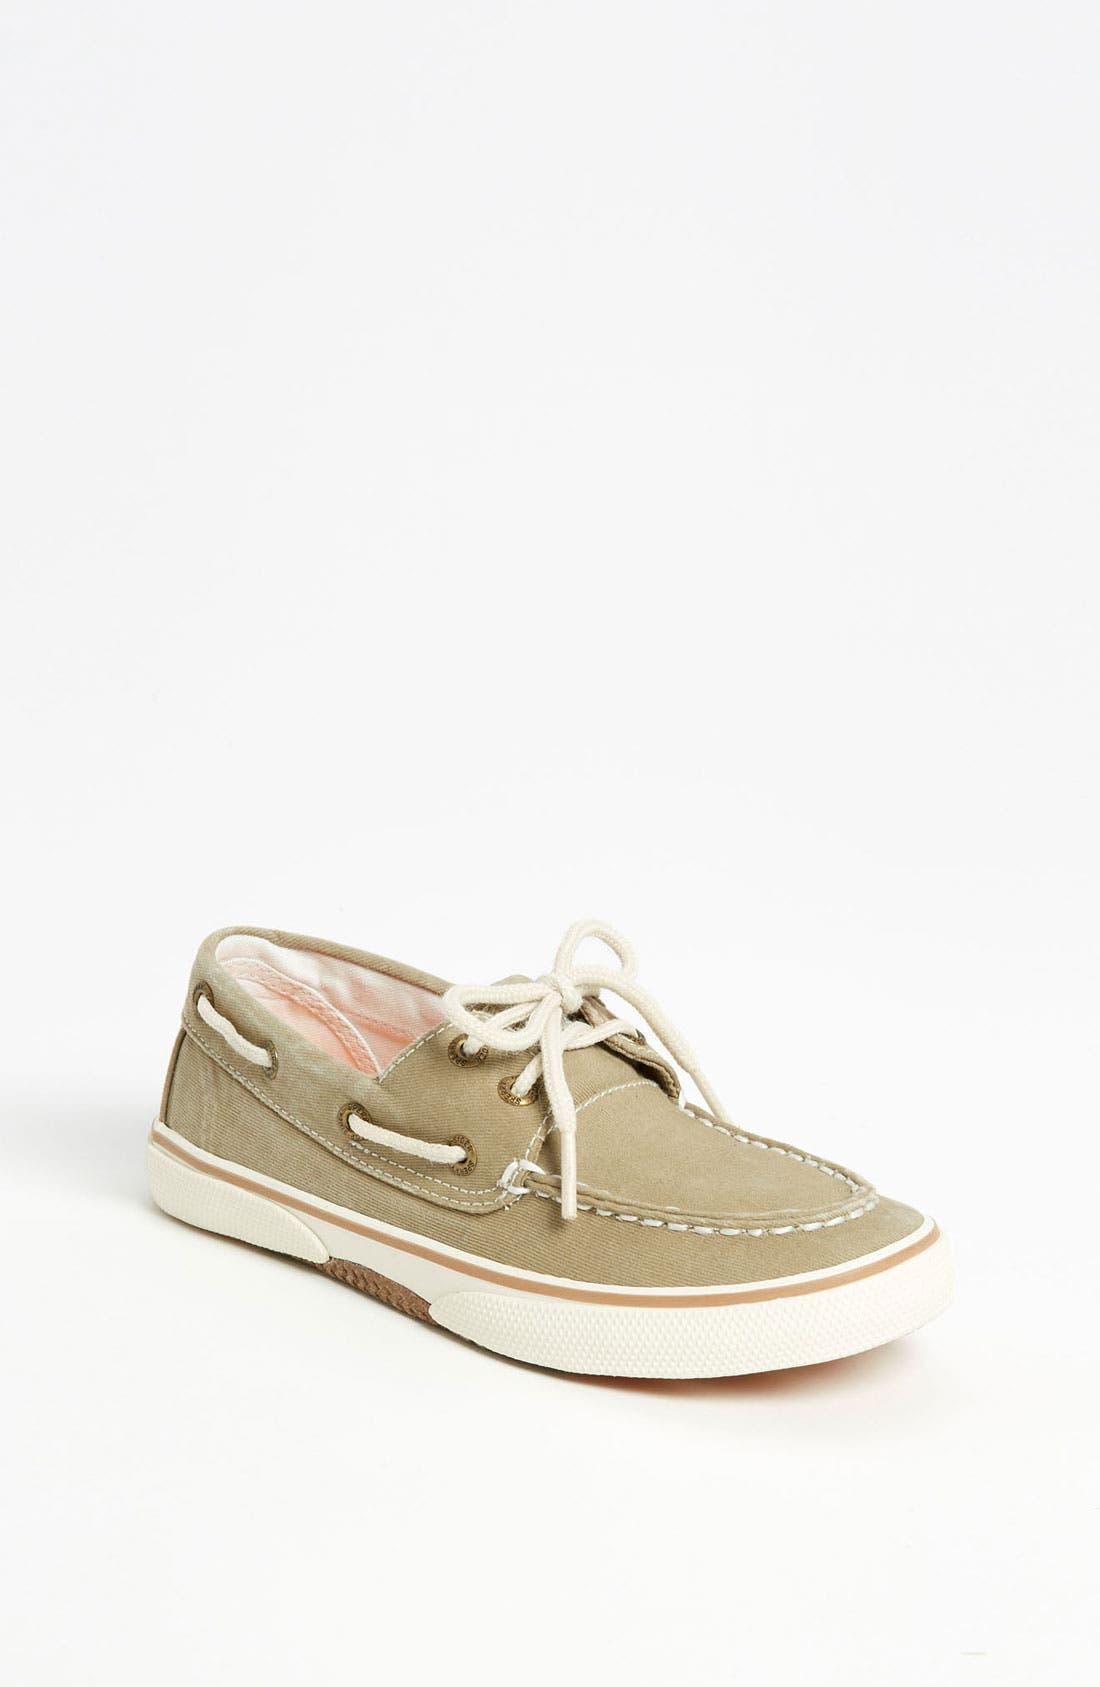 Alternate Image 1 Selected - Sperry Top-Sider® Kids 'Halyard' Boat Shoe (Walker, Toddler, Little Kid & Big Kid)